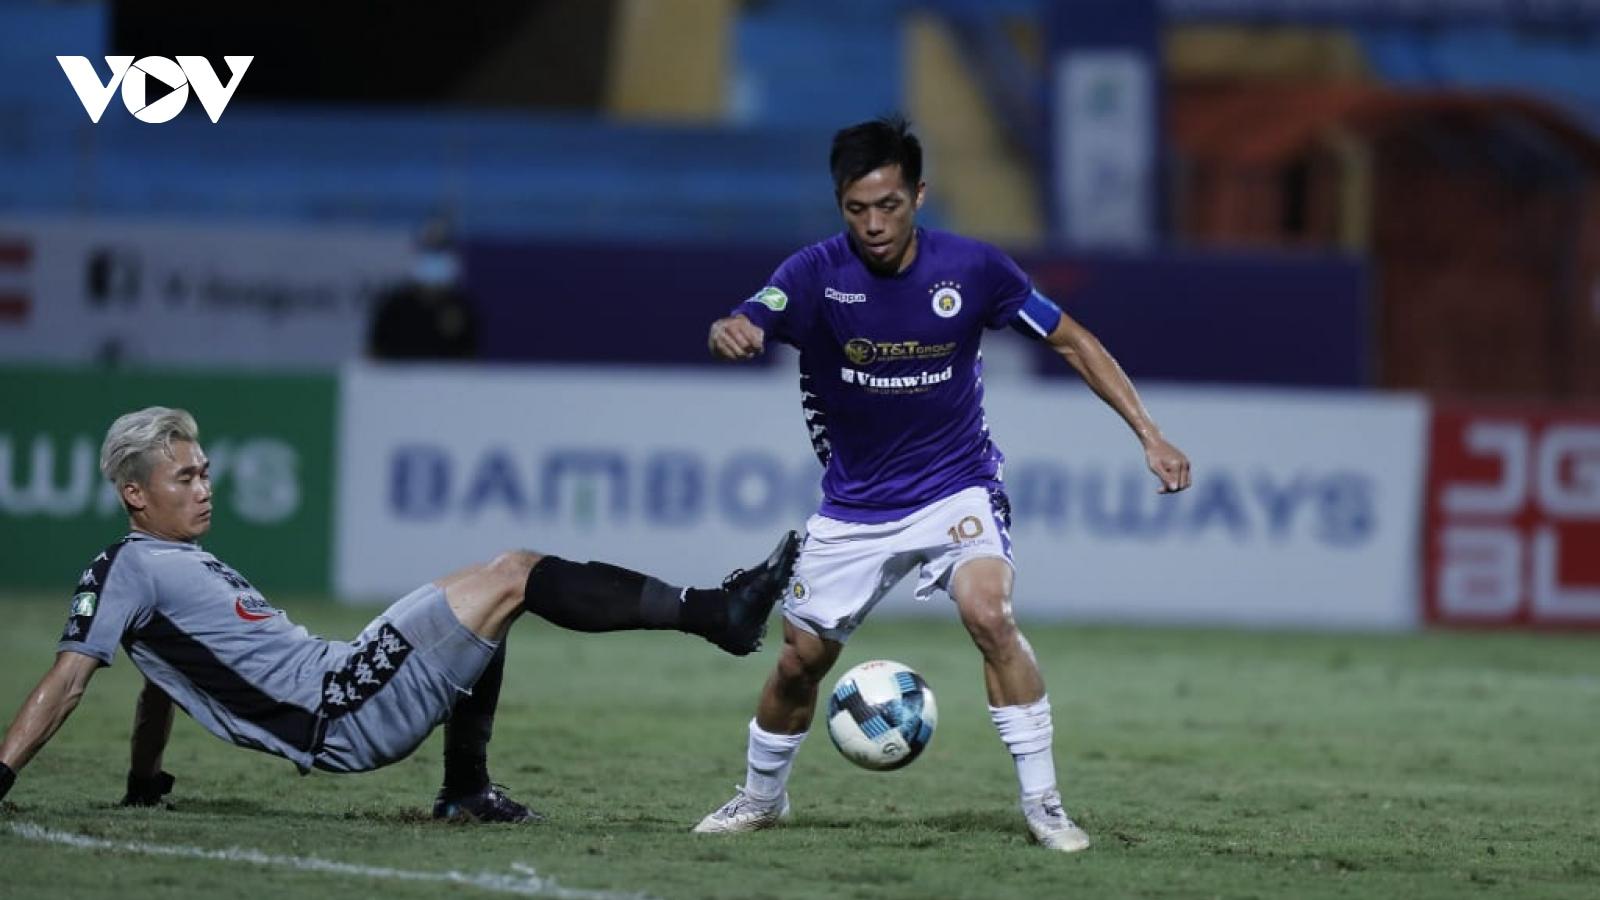 Toàn cảnh Hà Nội FC 5-1 TPHCM: Cơn ác mộng của thủ môn Bùi Tiến Dũng